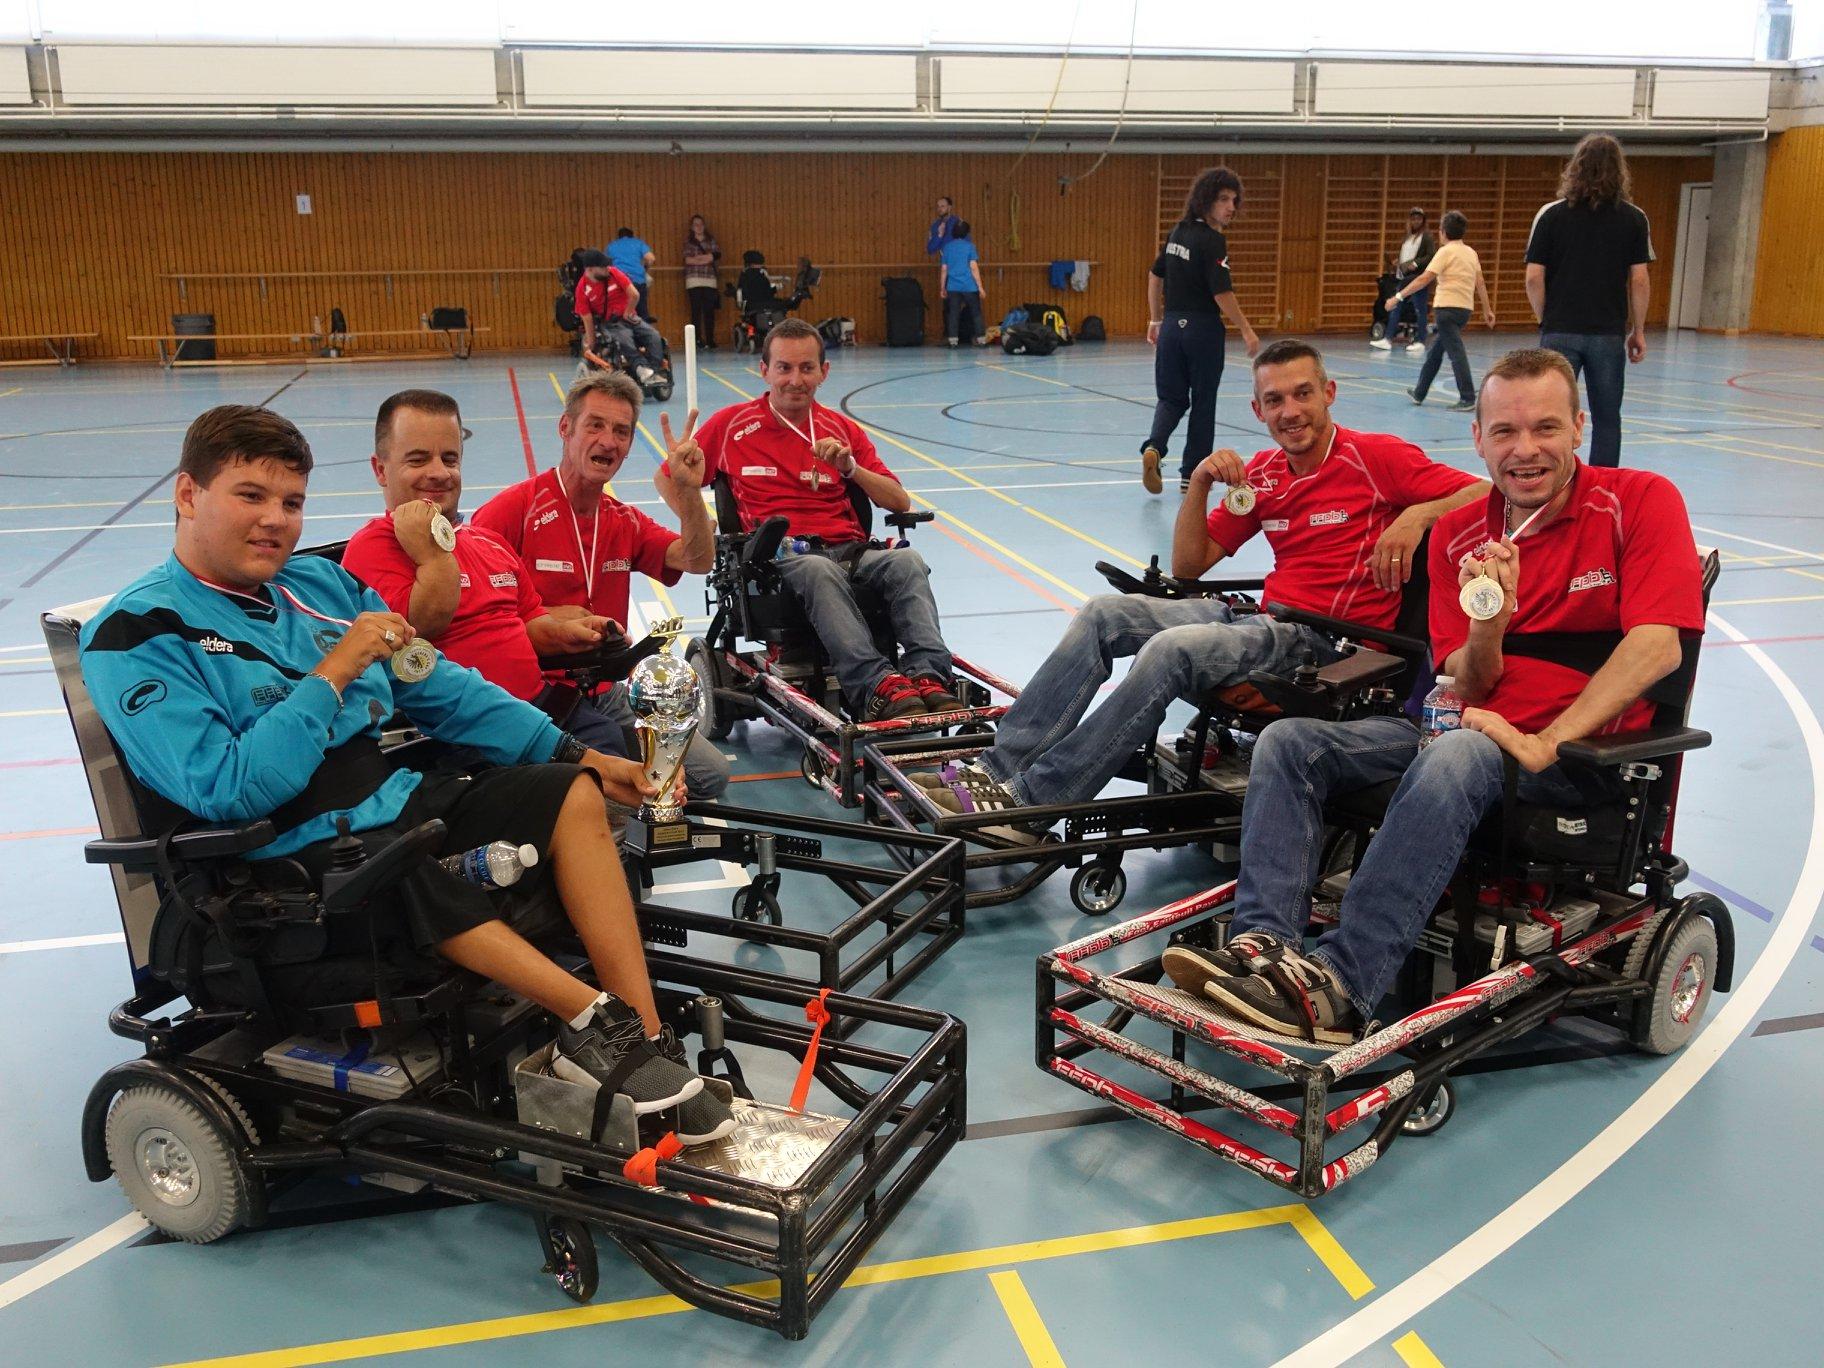 Geneva's_Cup_17_25_équipe_F-F_Pays_de_Ba